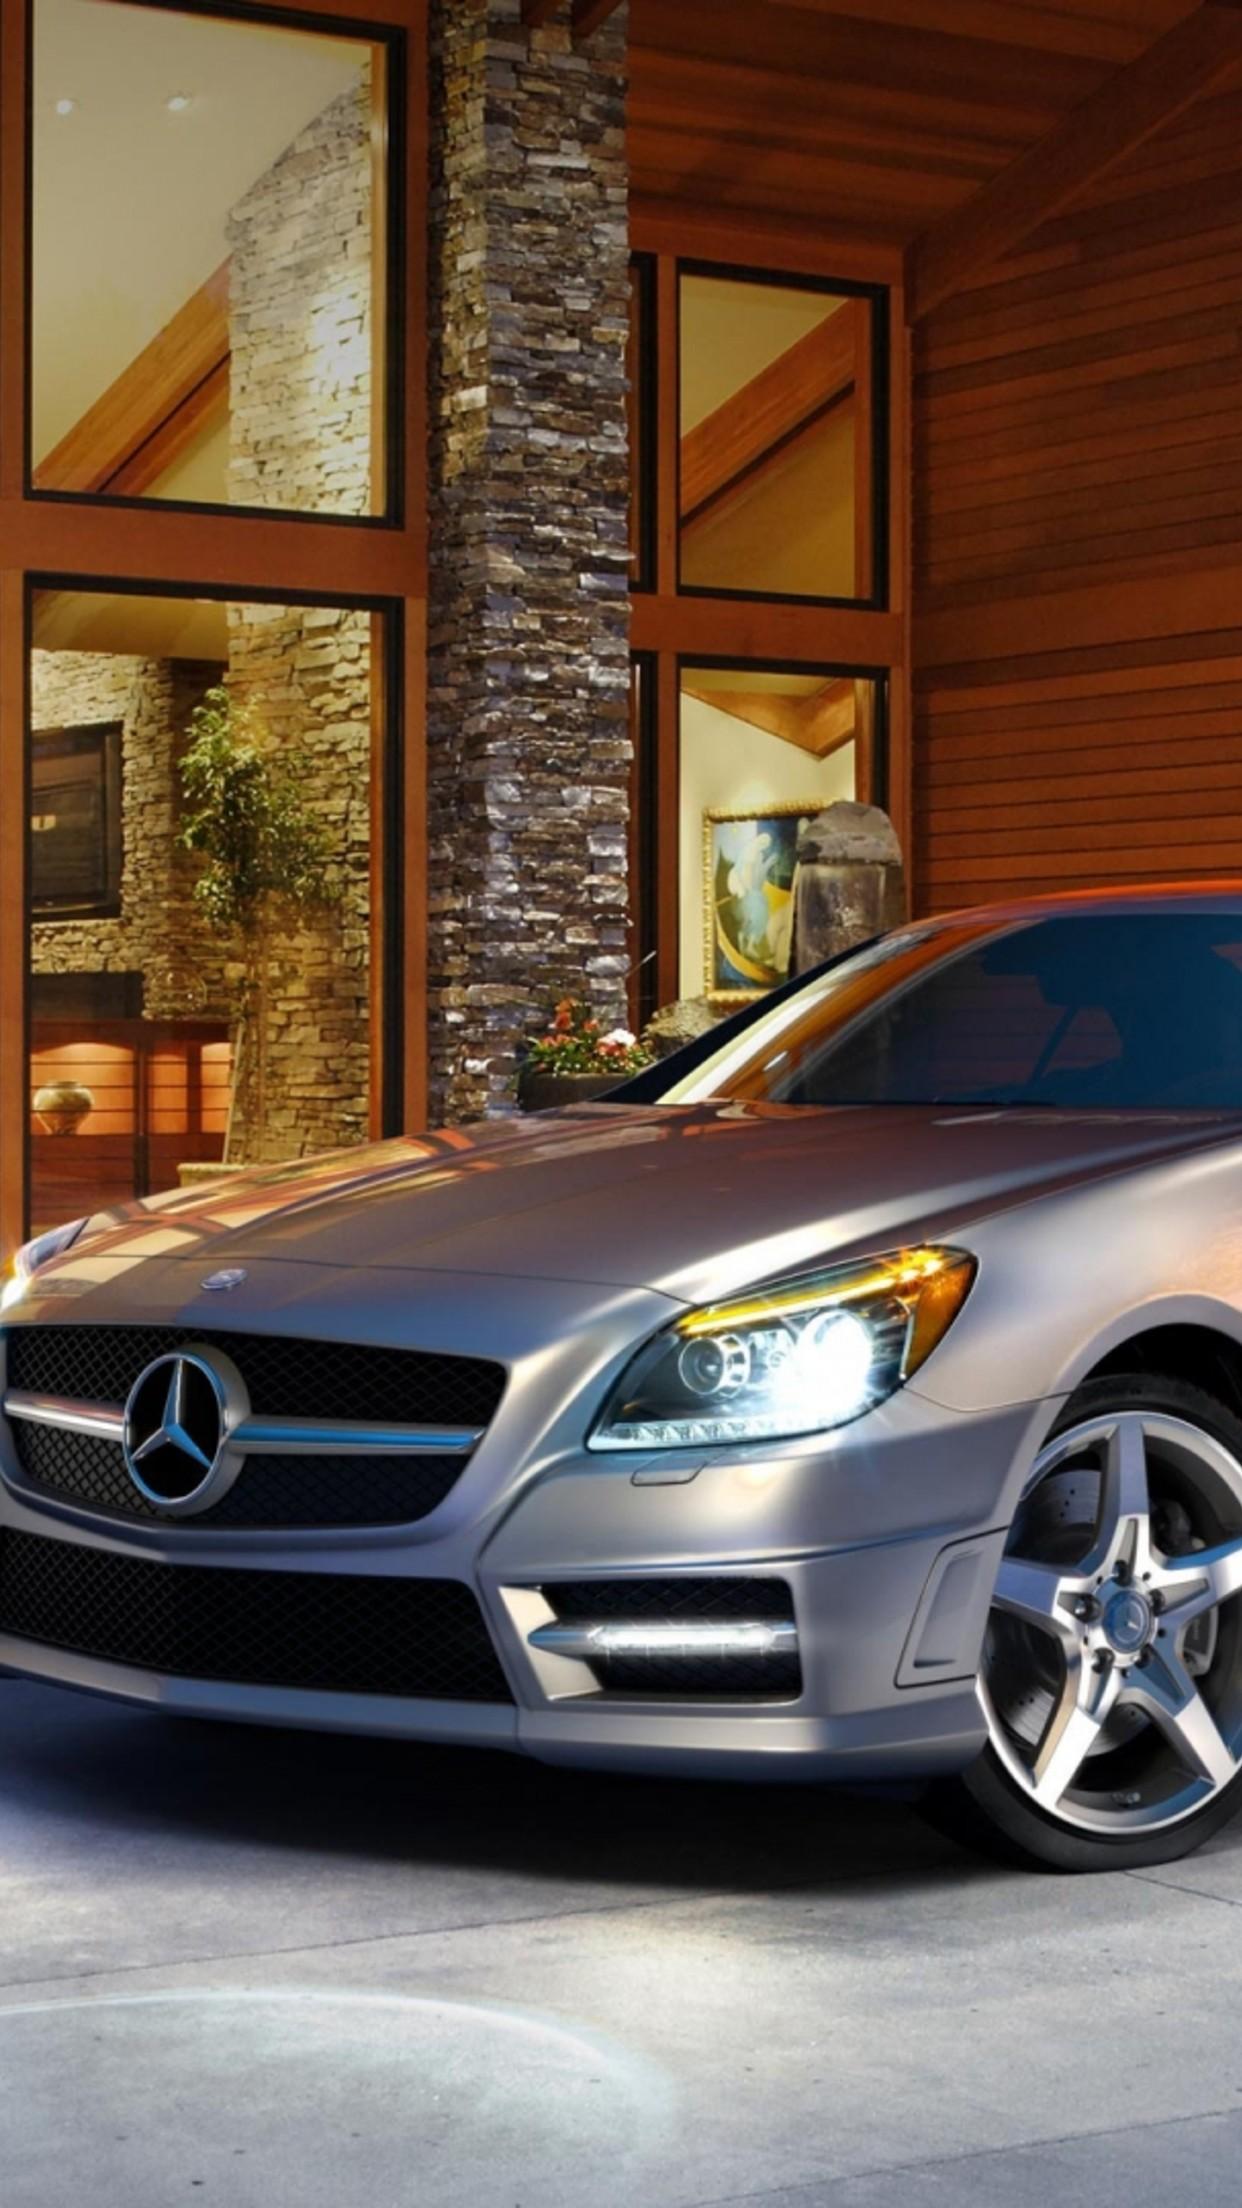 car mercedes SLK 3Wallpapers iPhone Parallax Car Mercedes SLK